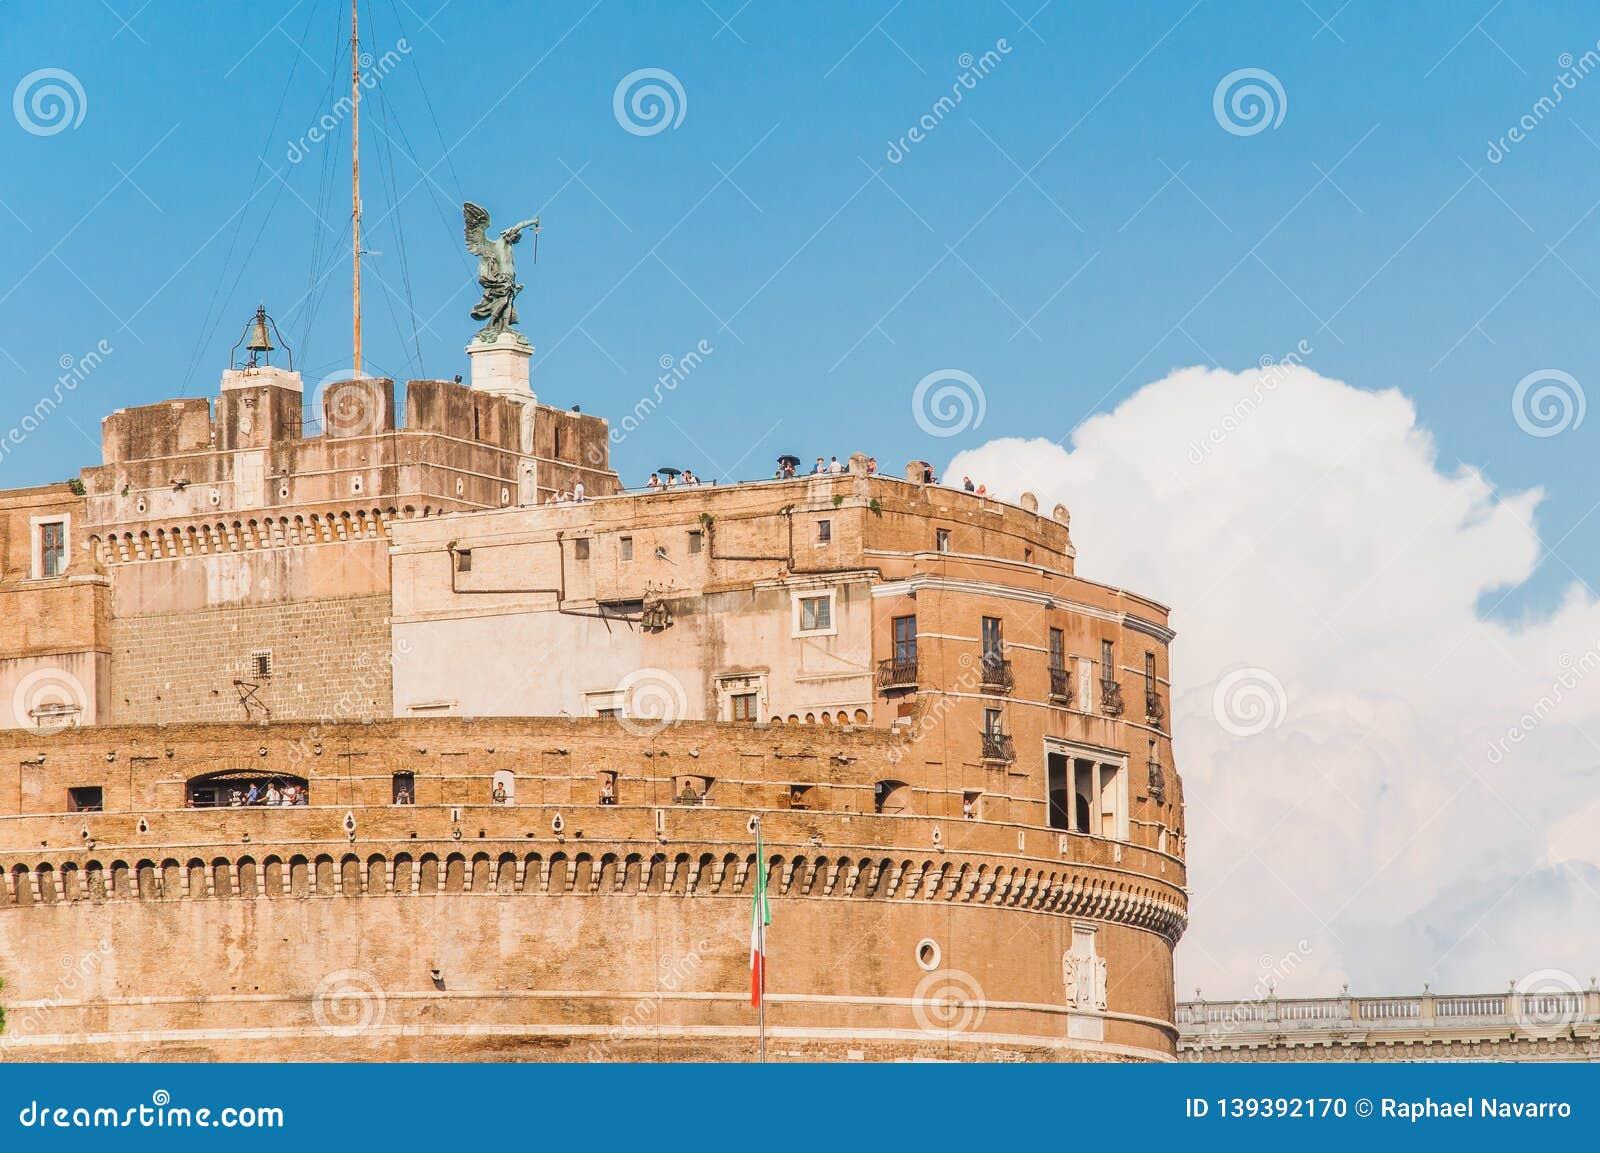 Monumento storico a Roma Italia